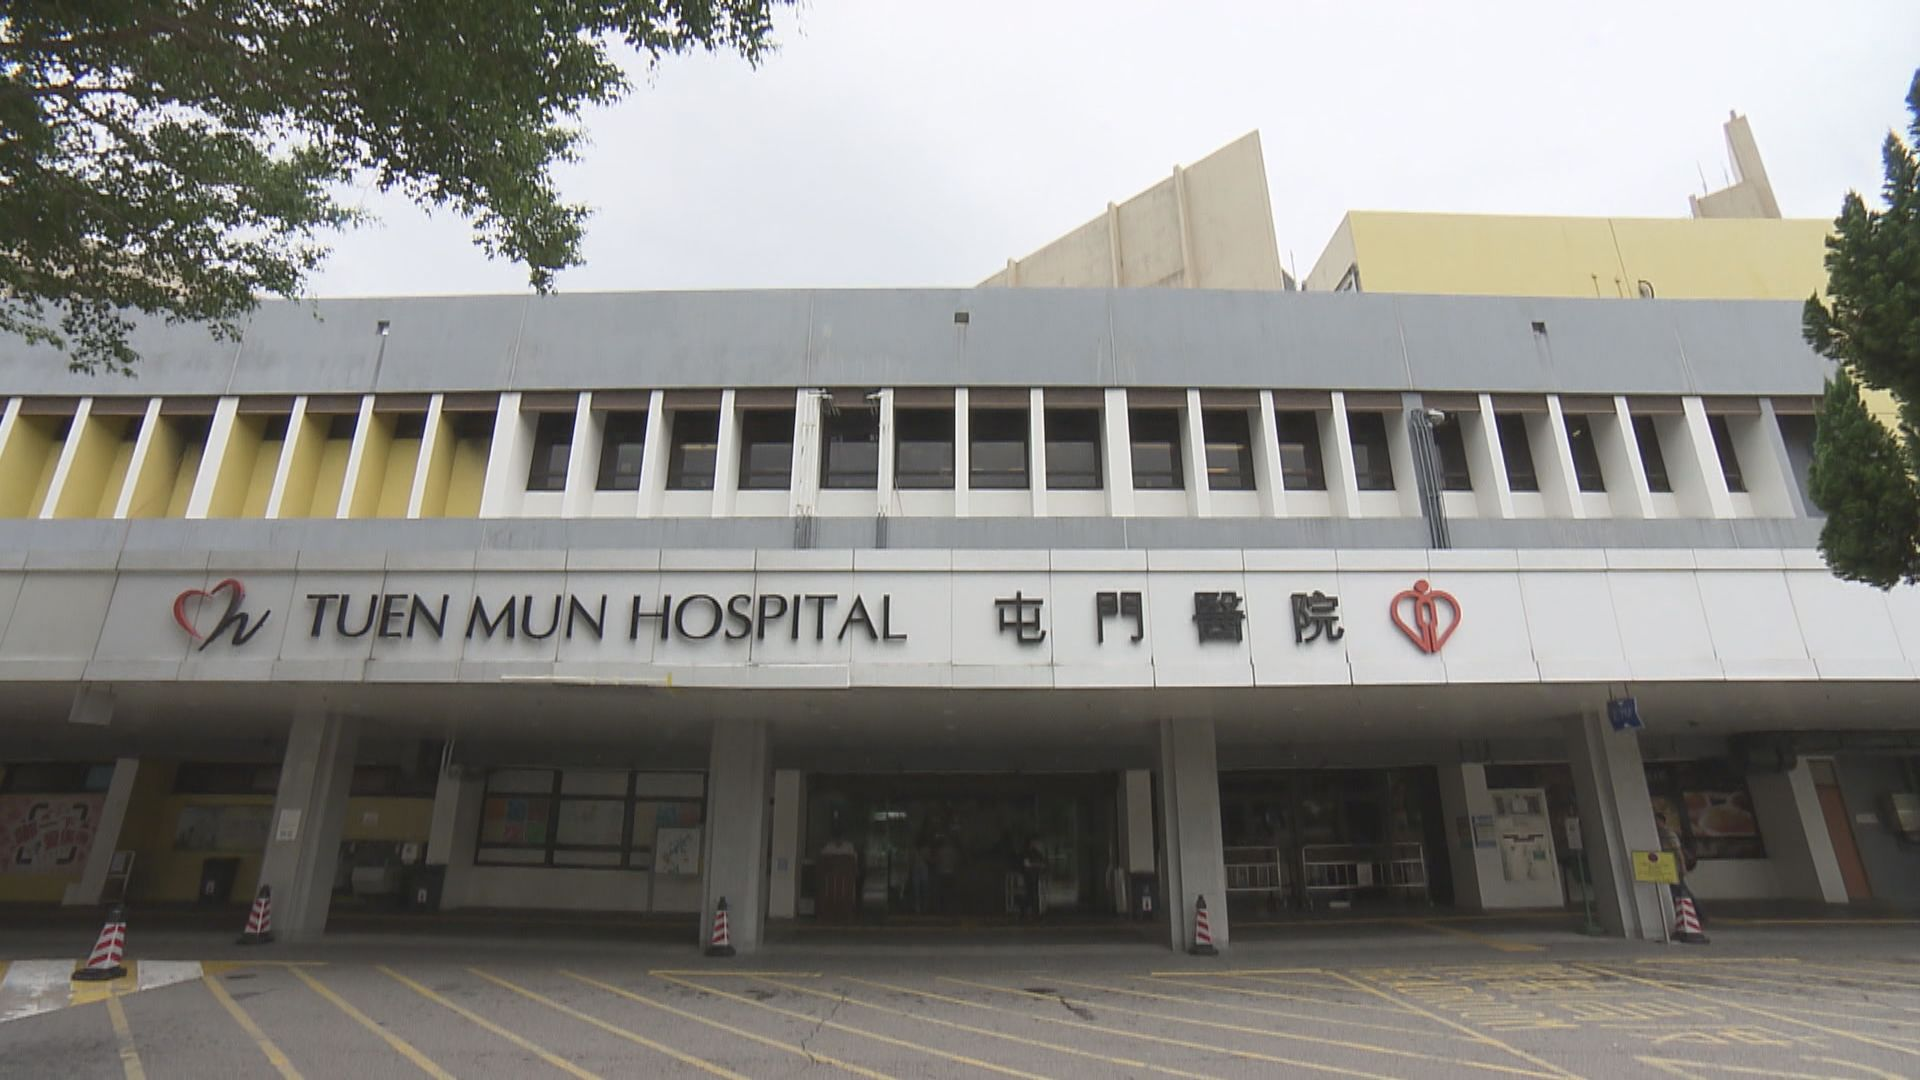 70歲新冠病毒確診者離世 累計210名患者死亡